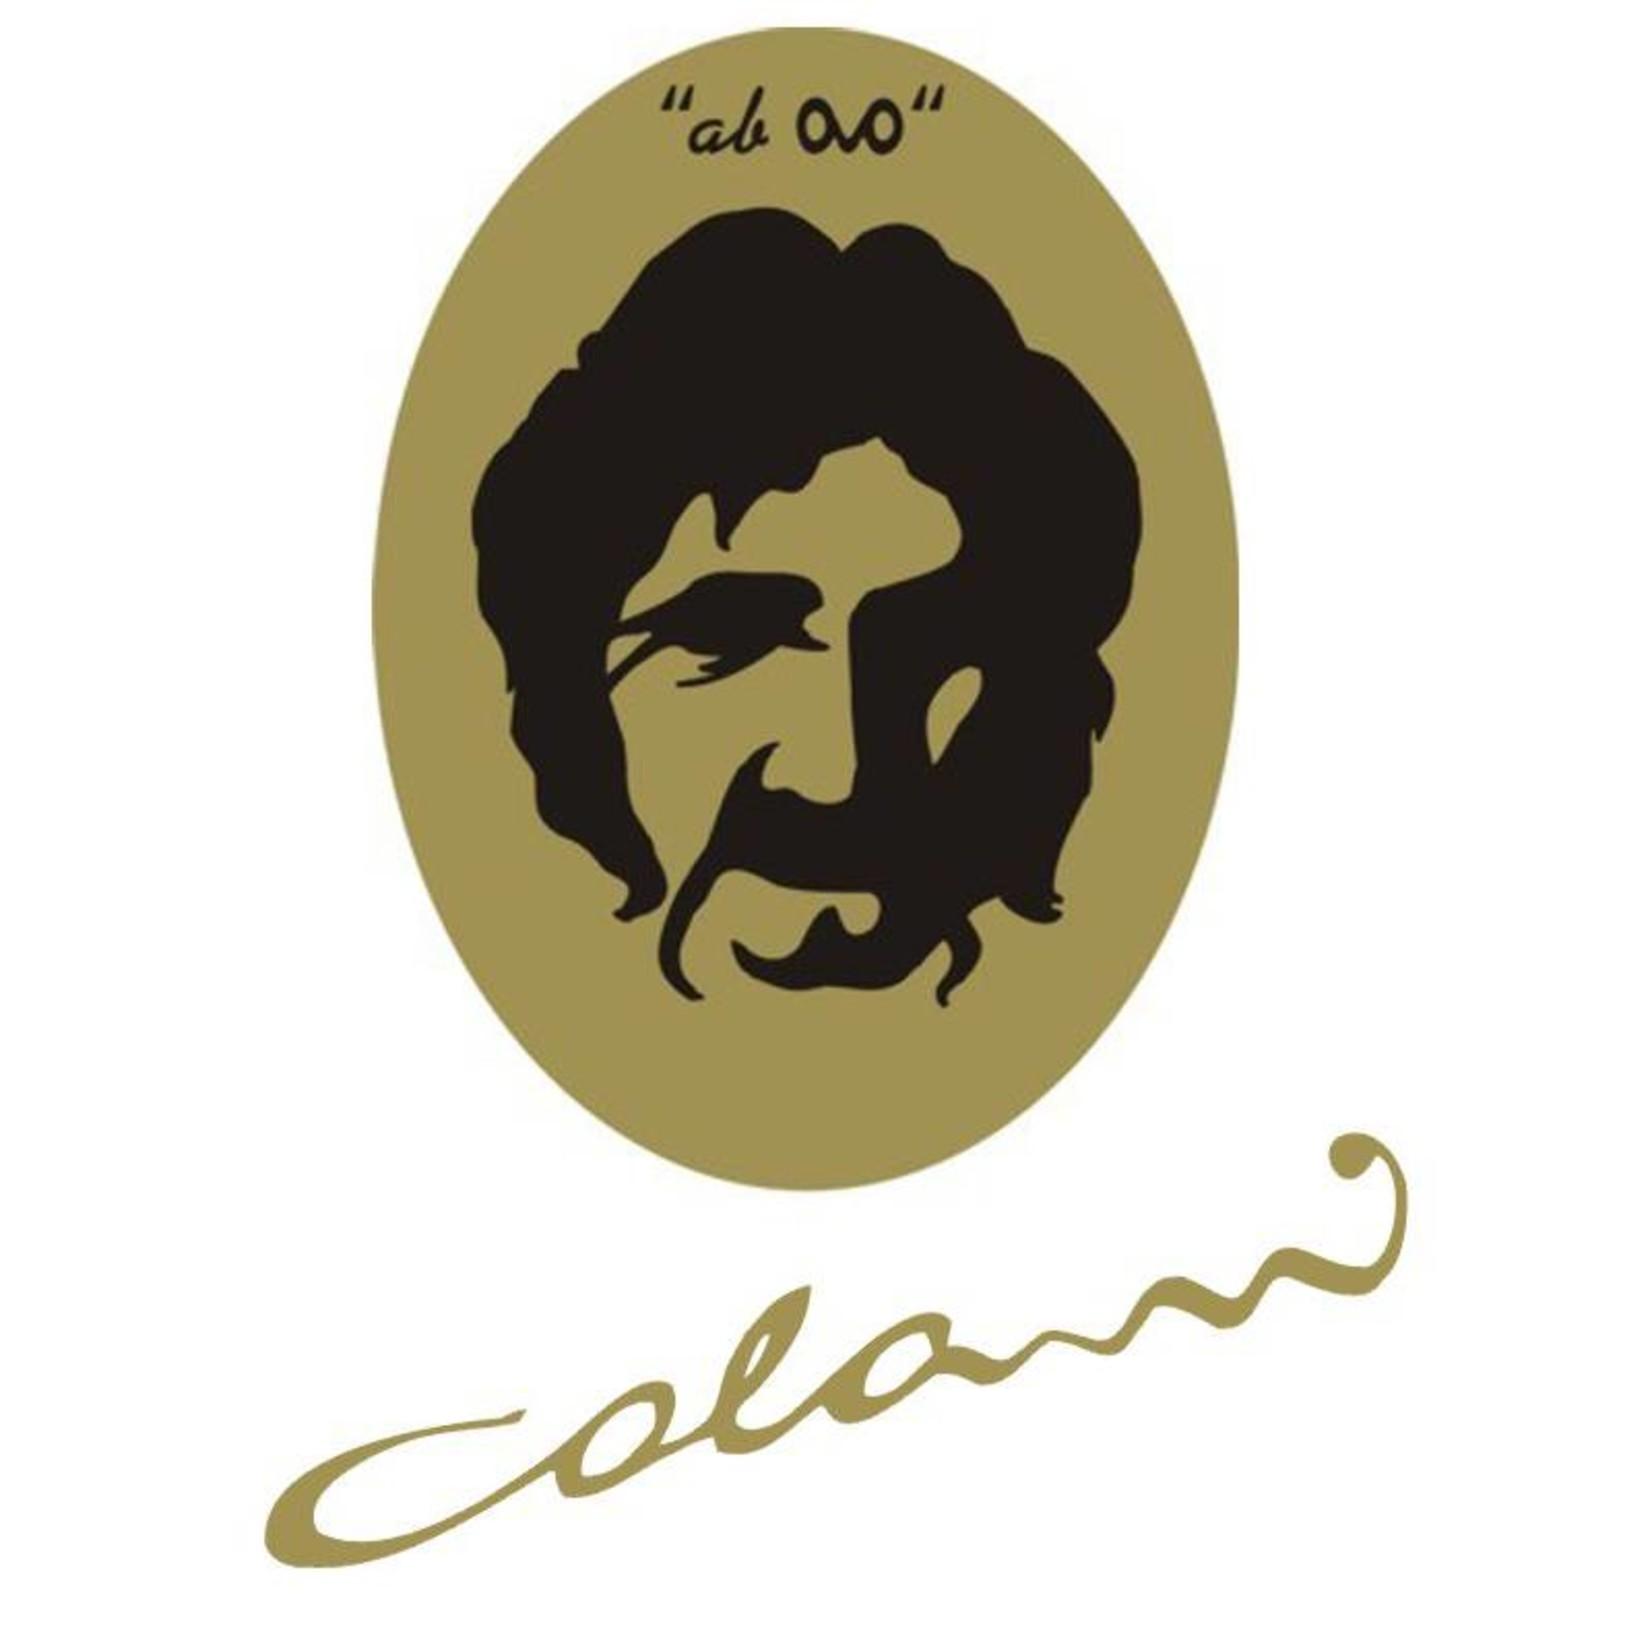 Colani Porzellanserie Colani Eierbecher | rot | Porzellan | Luigi Colani Design